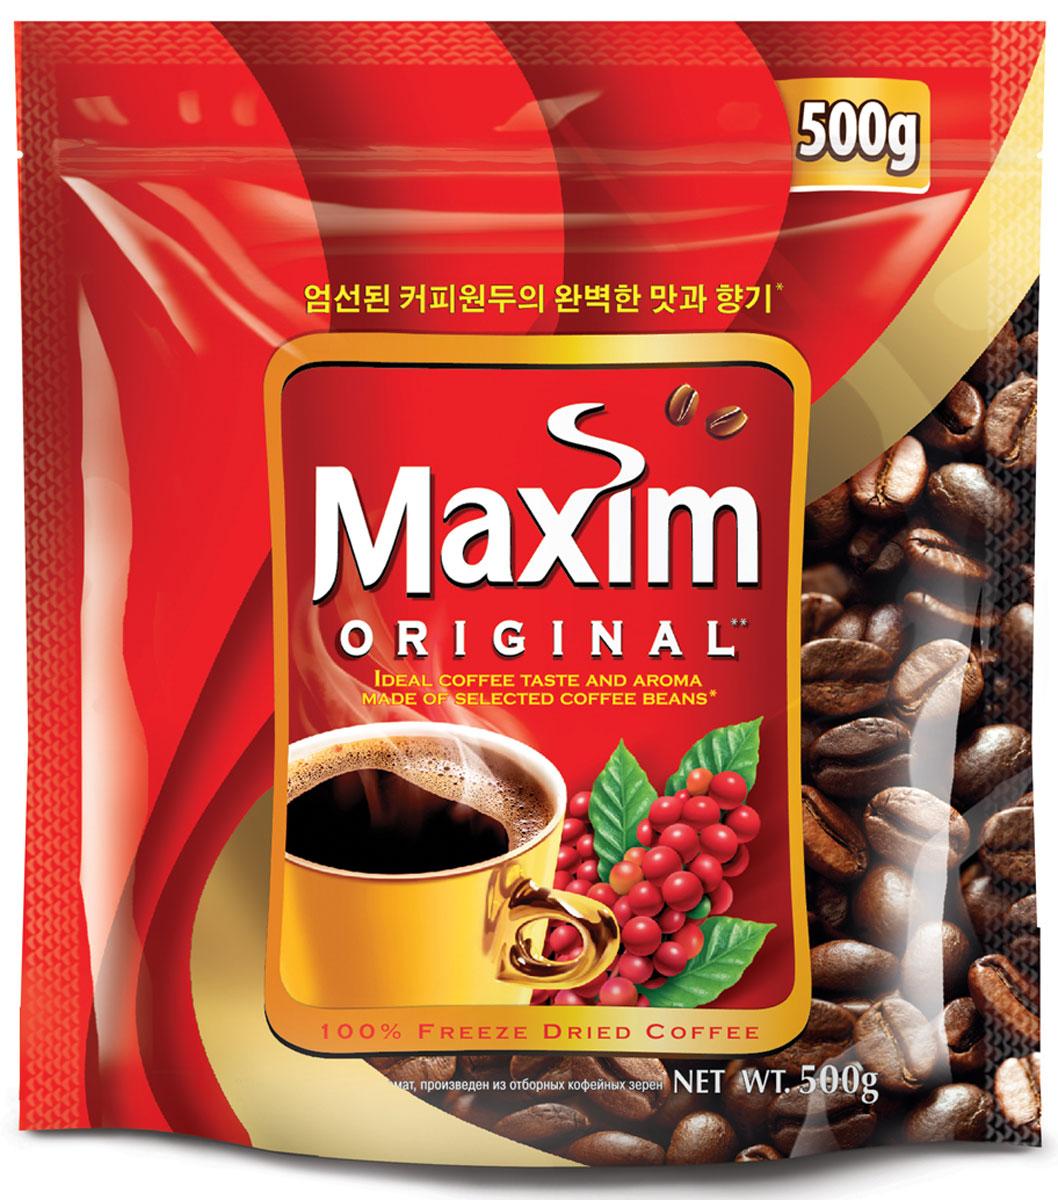 Maxim кофе натуральный растворимый сублимированный, 500 г4251187Maxim – это сублимированный кофе высокого качества по доступной цене. Это бренд №2 в Сибири и на Дальнем Востоке. Ведет свою историю с 1971 года.Представлен двумя вкусами – Original и Mild.Maxim Original - это идеально сбалансированный вкус и притягательный аромат, приготовлен из отборных кофейных зёрен.Кофе: мифы и факты. Статья OZON Гид